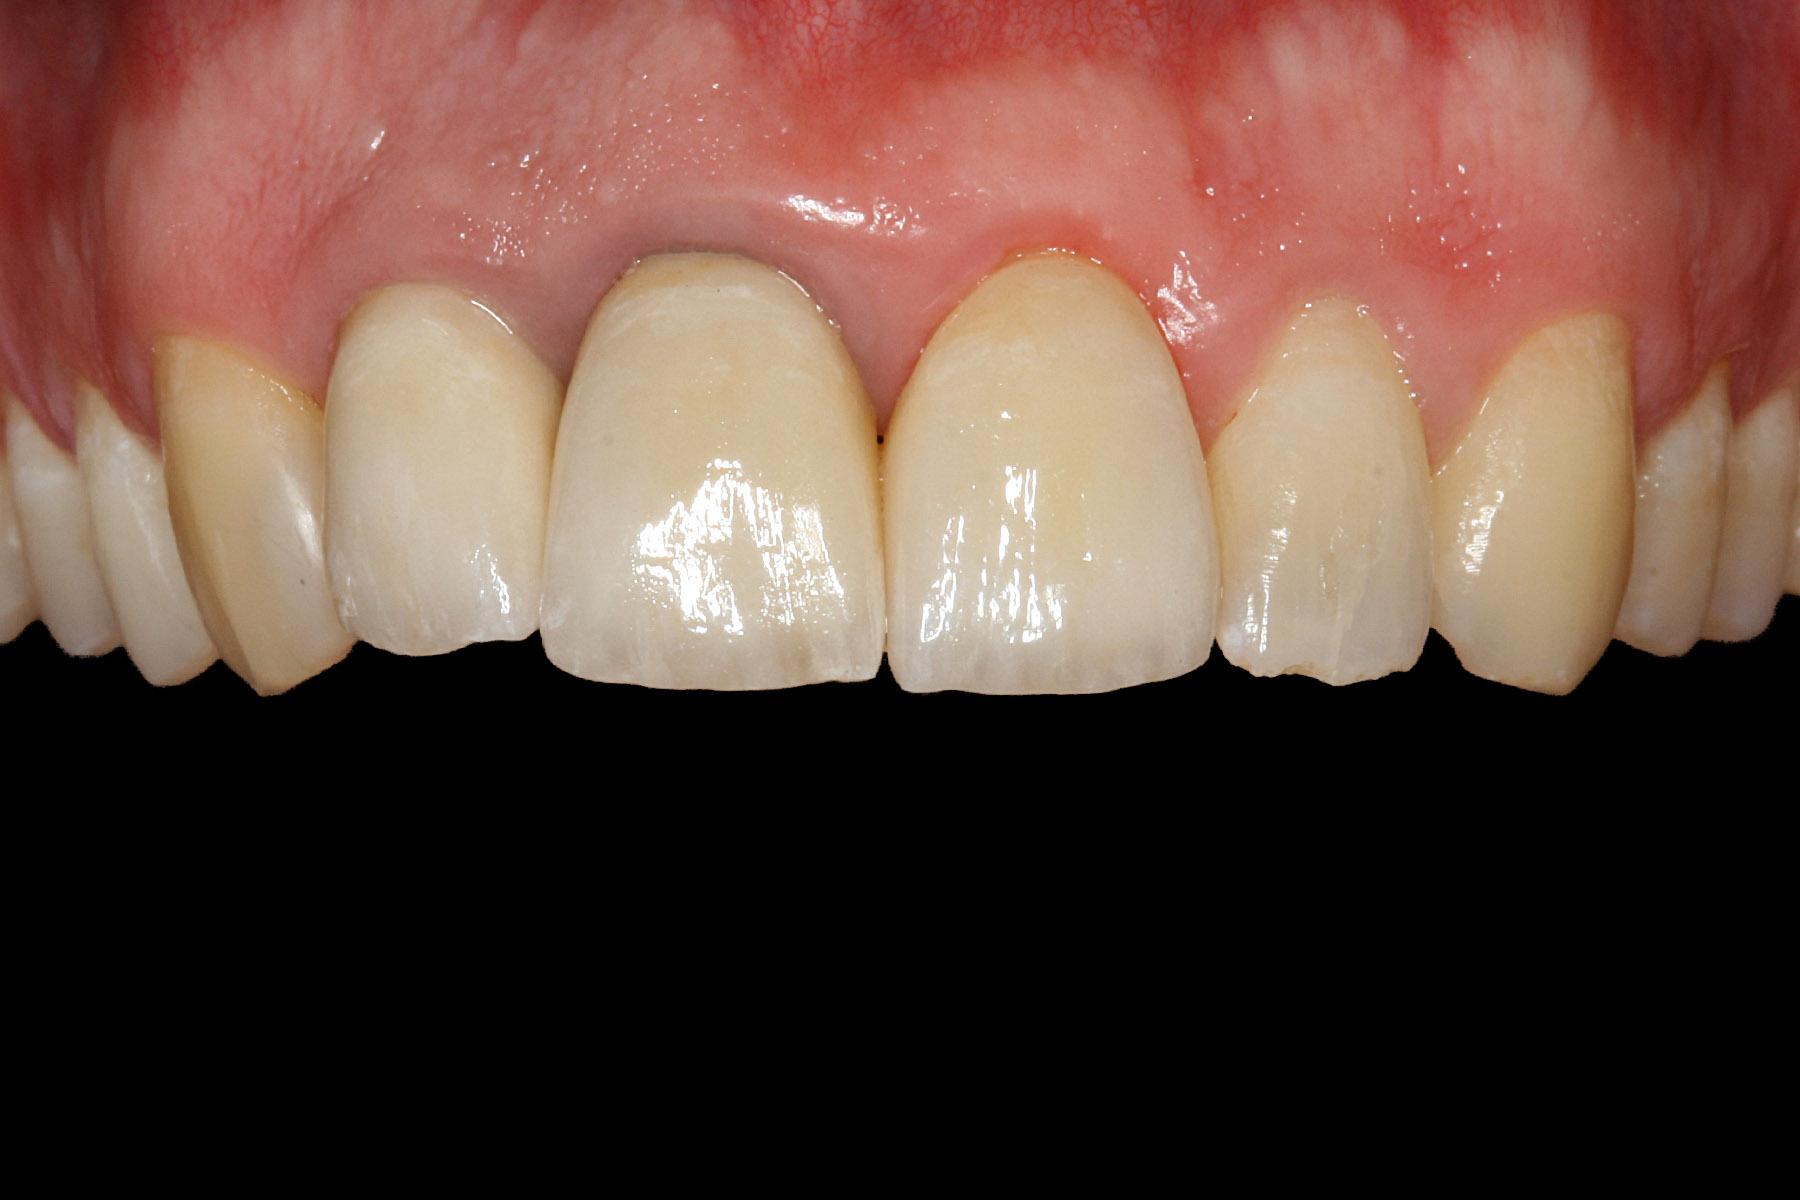 After-Zahnfleischbehandlung